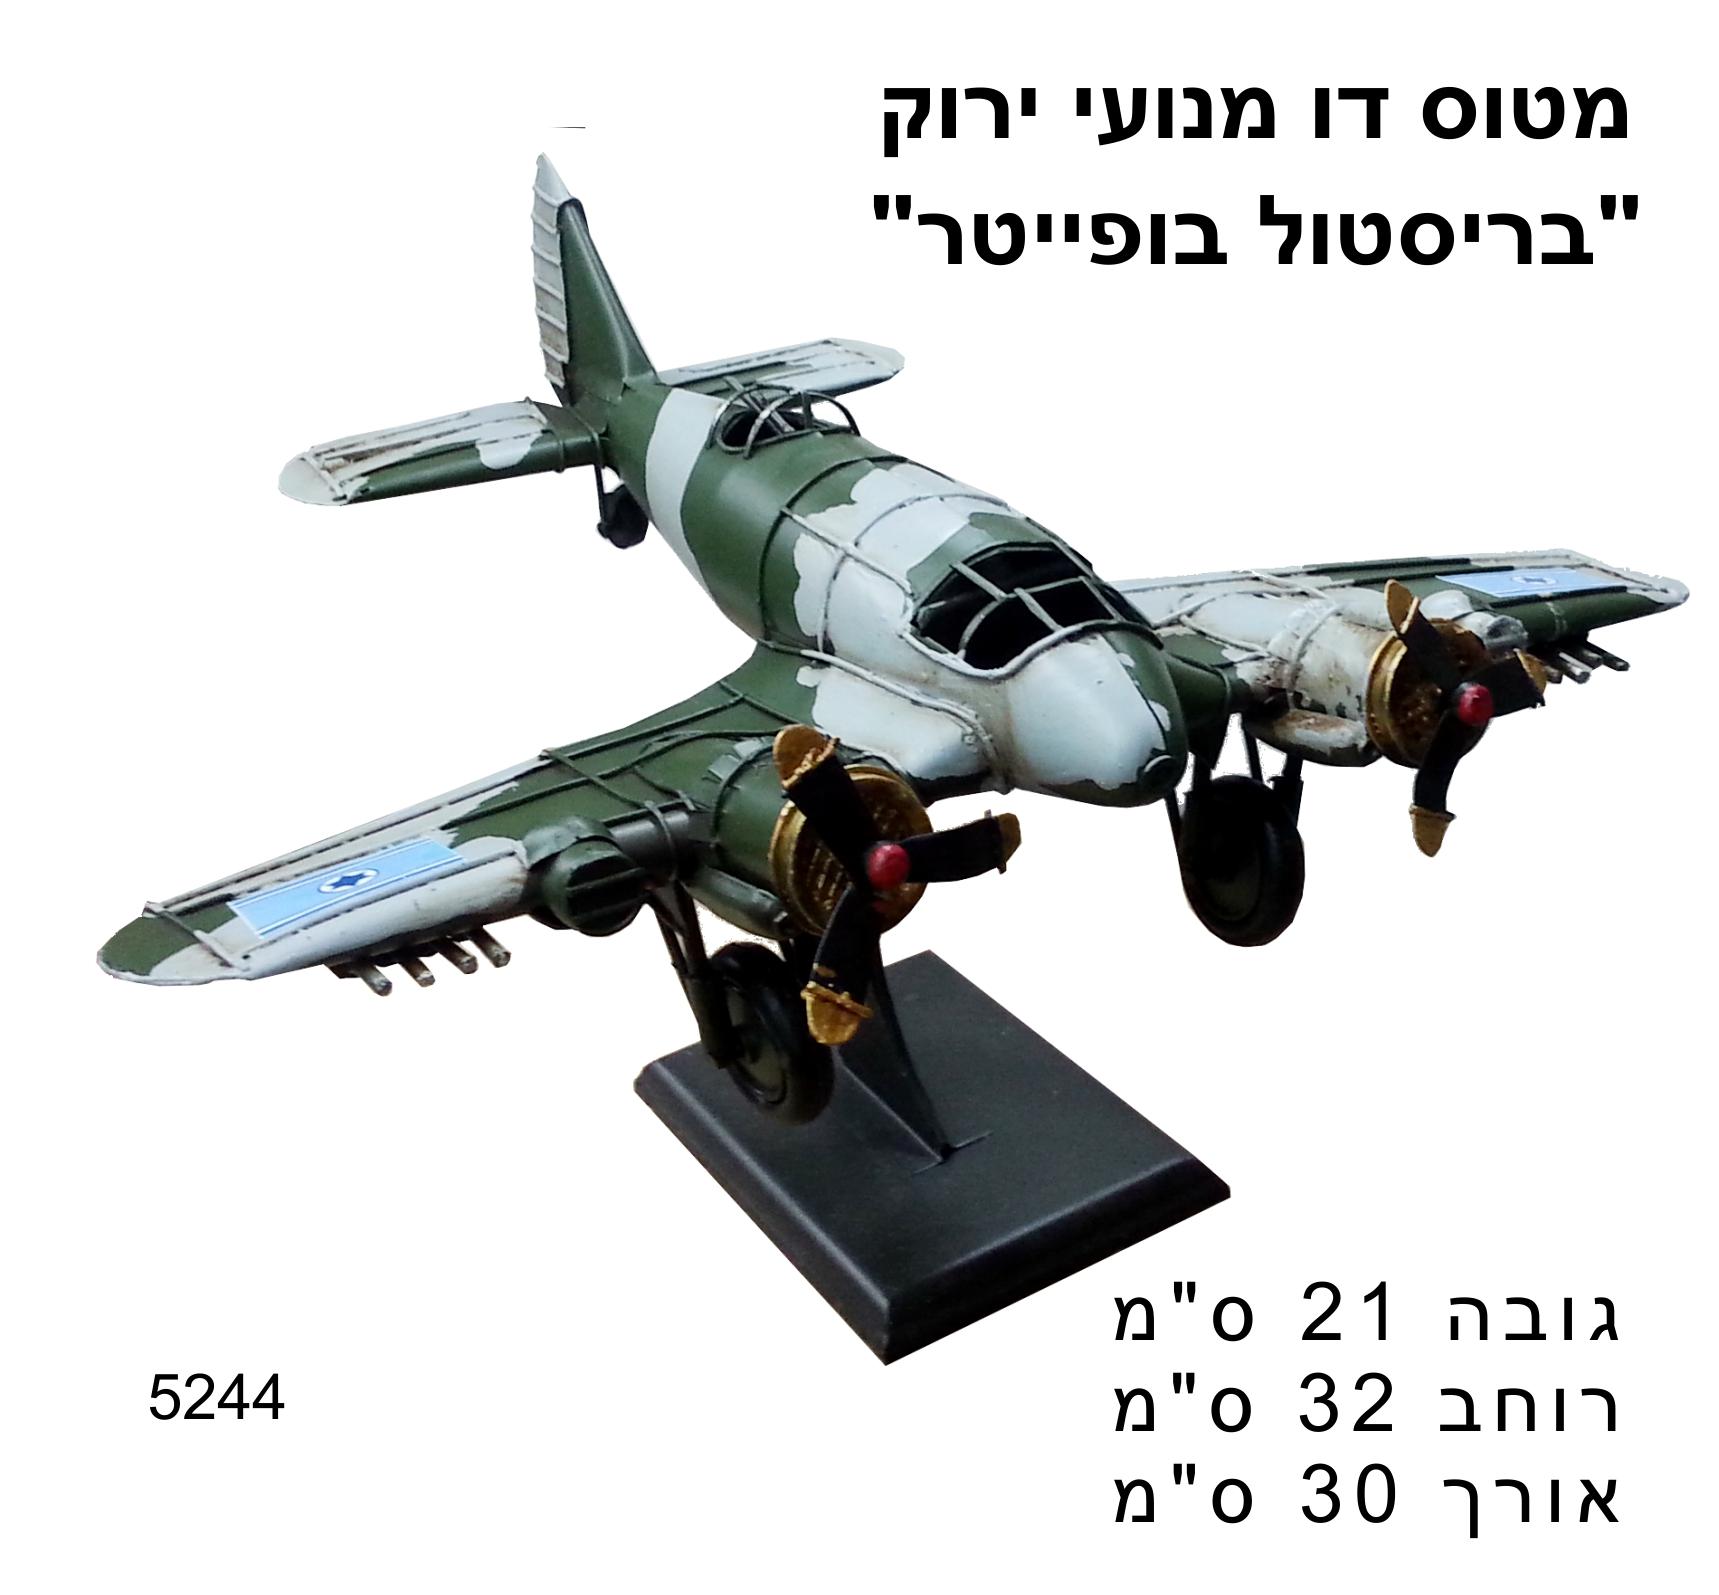 מטוס דו כנפי ירוק בופייטר